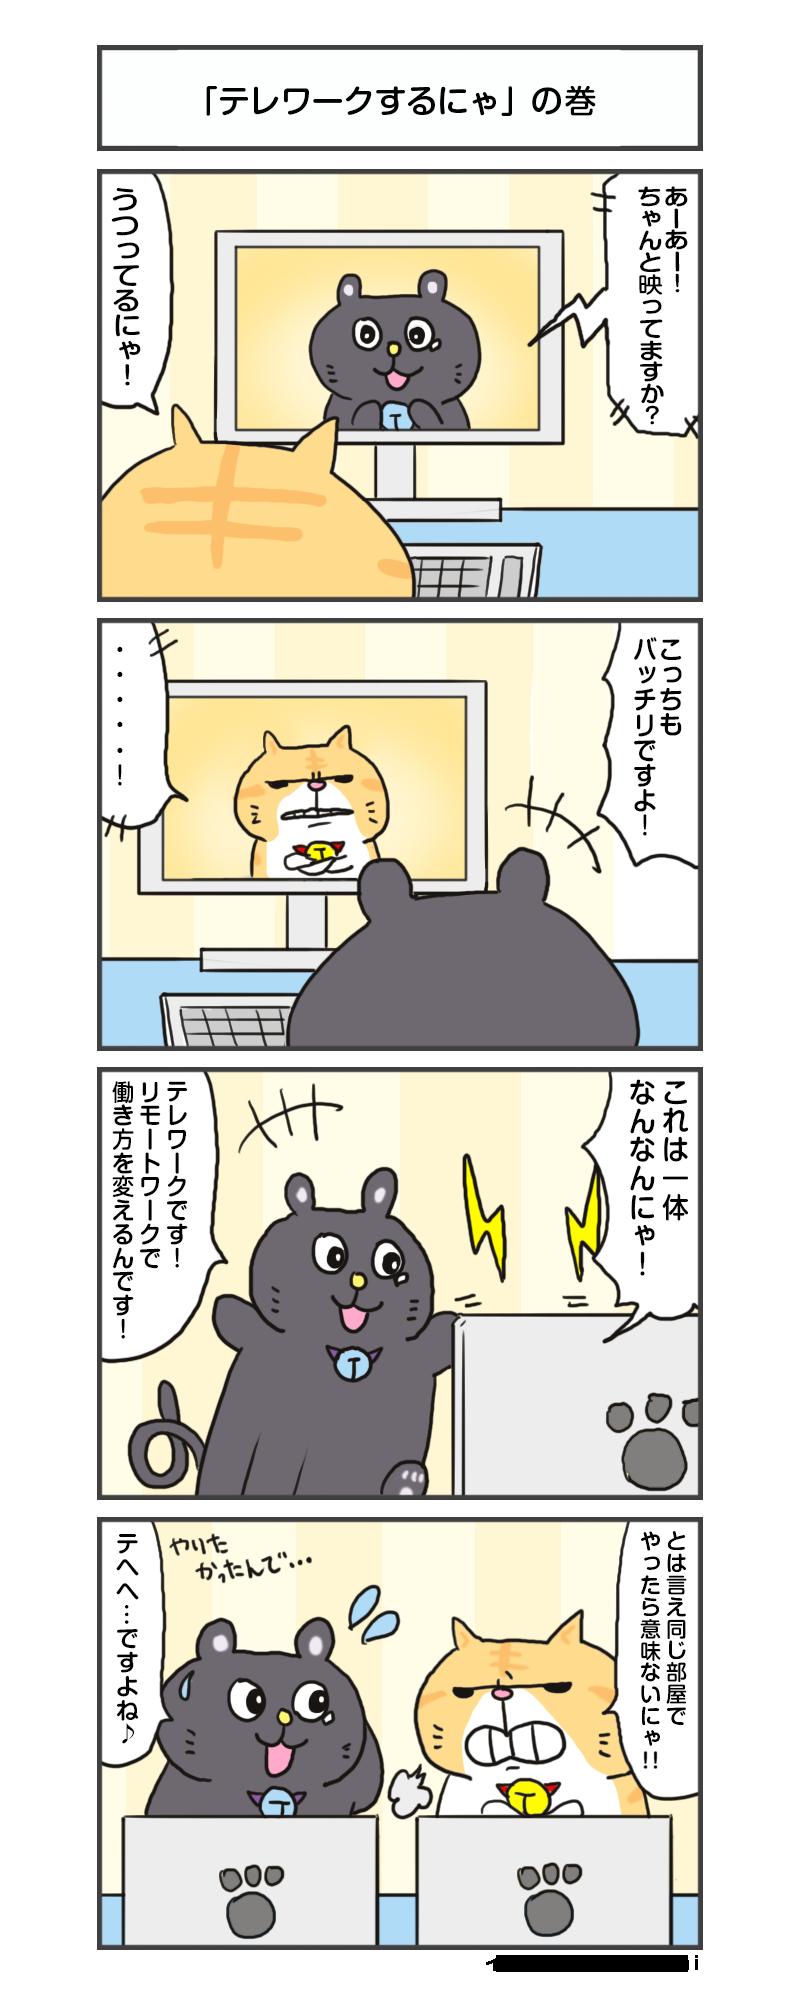 縺医″縺昴y縺・anga_vol.244